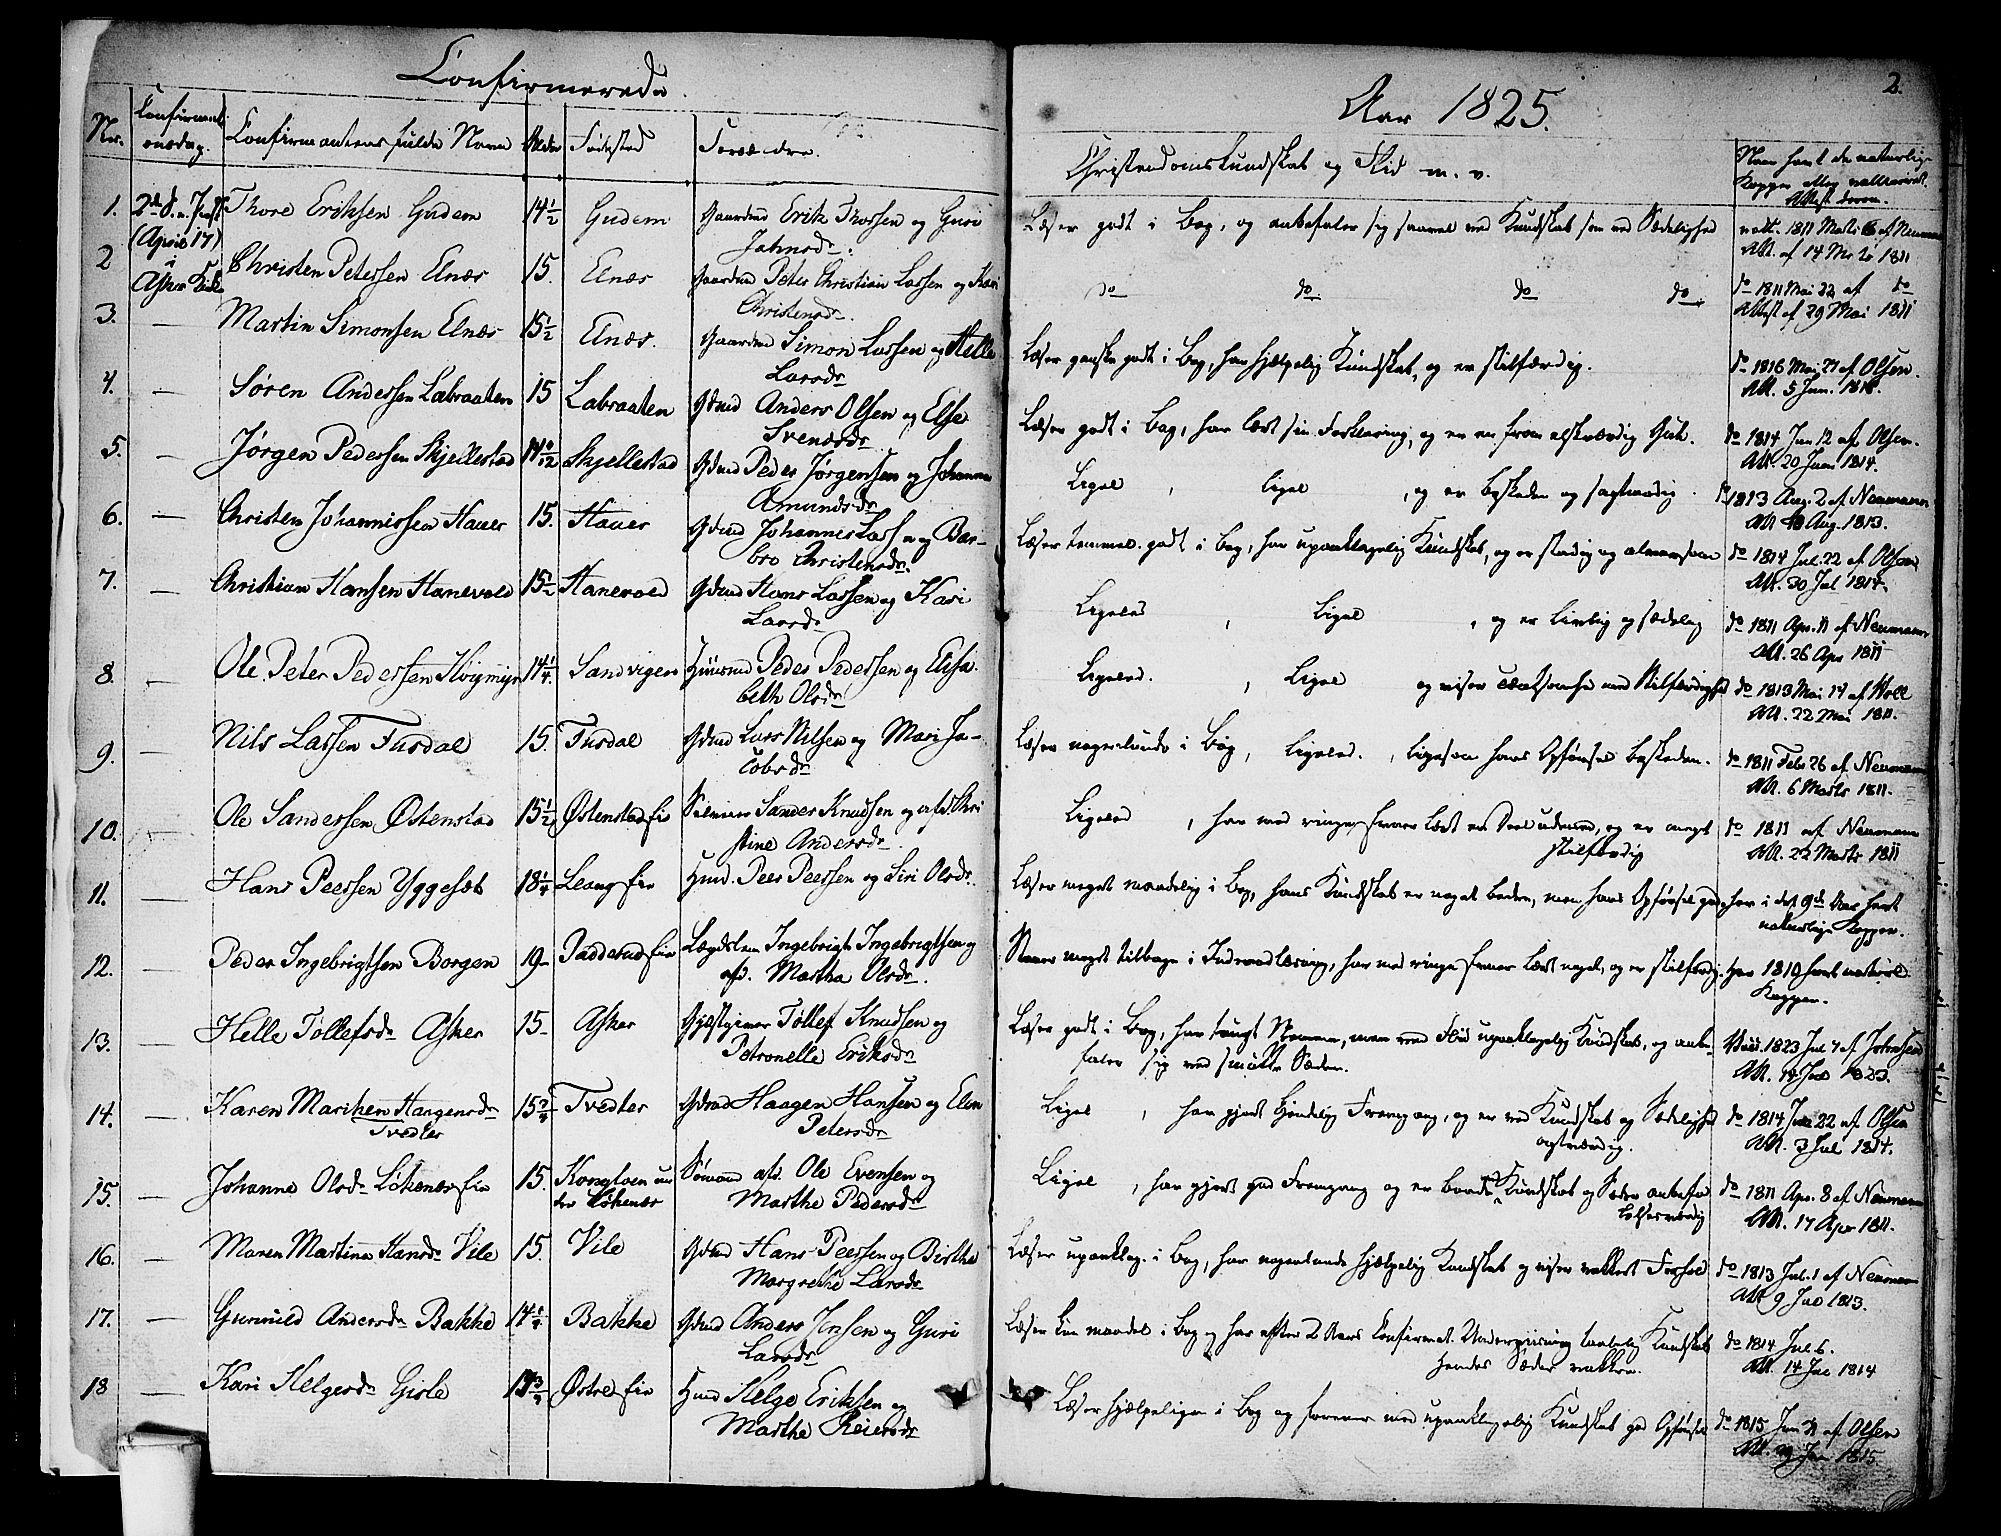 SAO, Asker prestekontor Kirkebøker, F/Fa/L0009: Ministerialbok nr. I 9, 1825-1878, s. 2